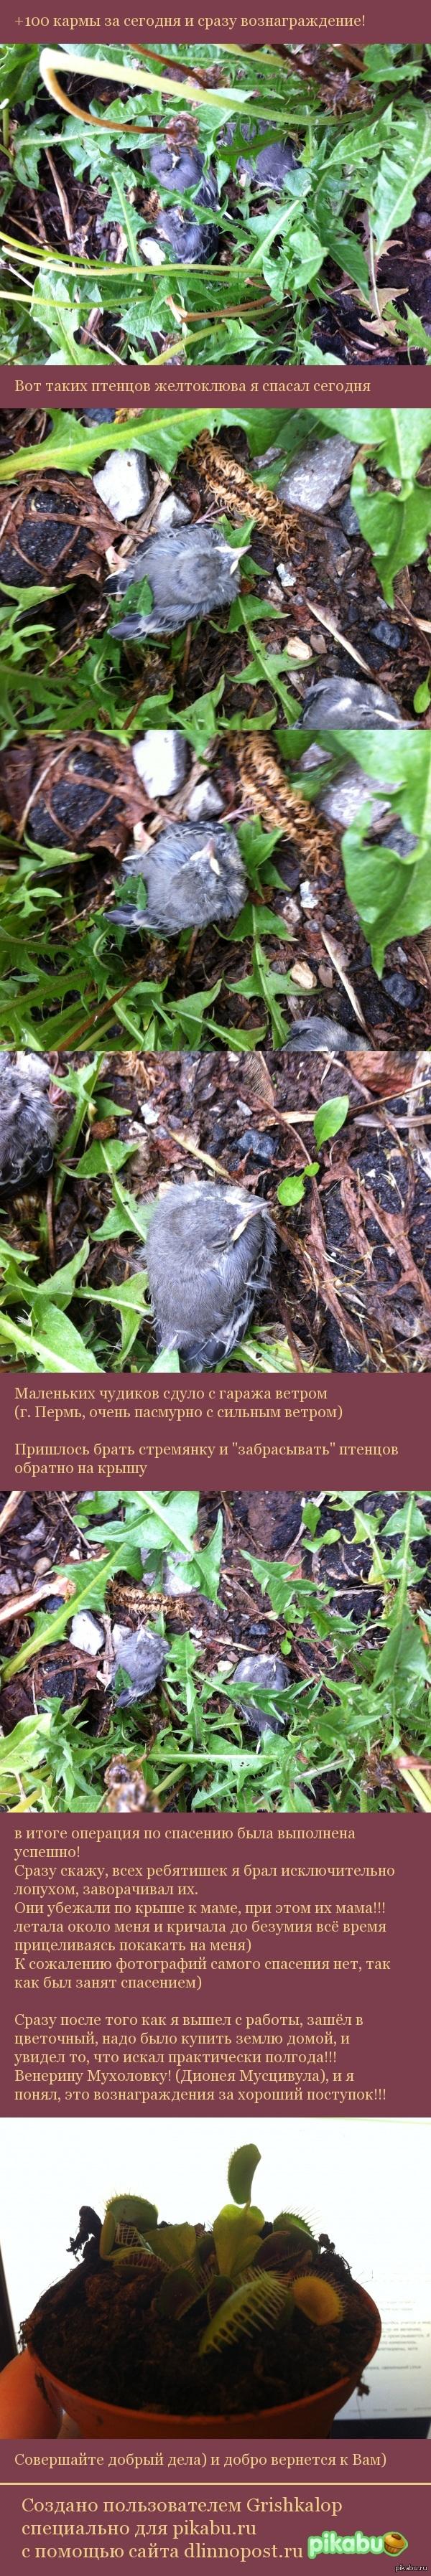 Кормите птиц - делайте добро